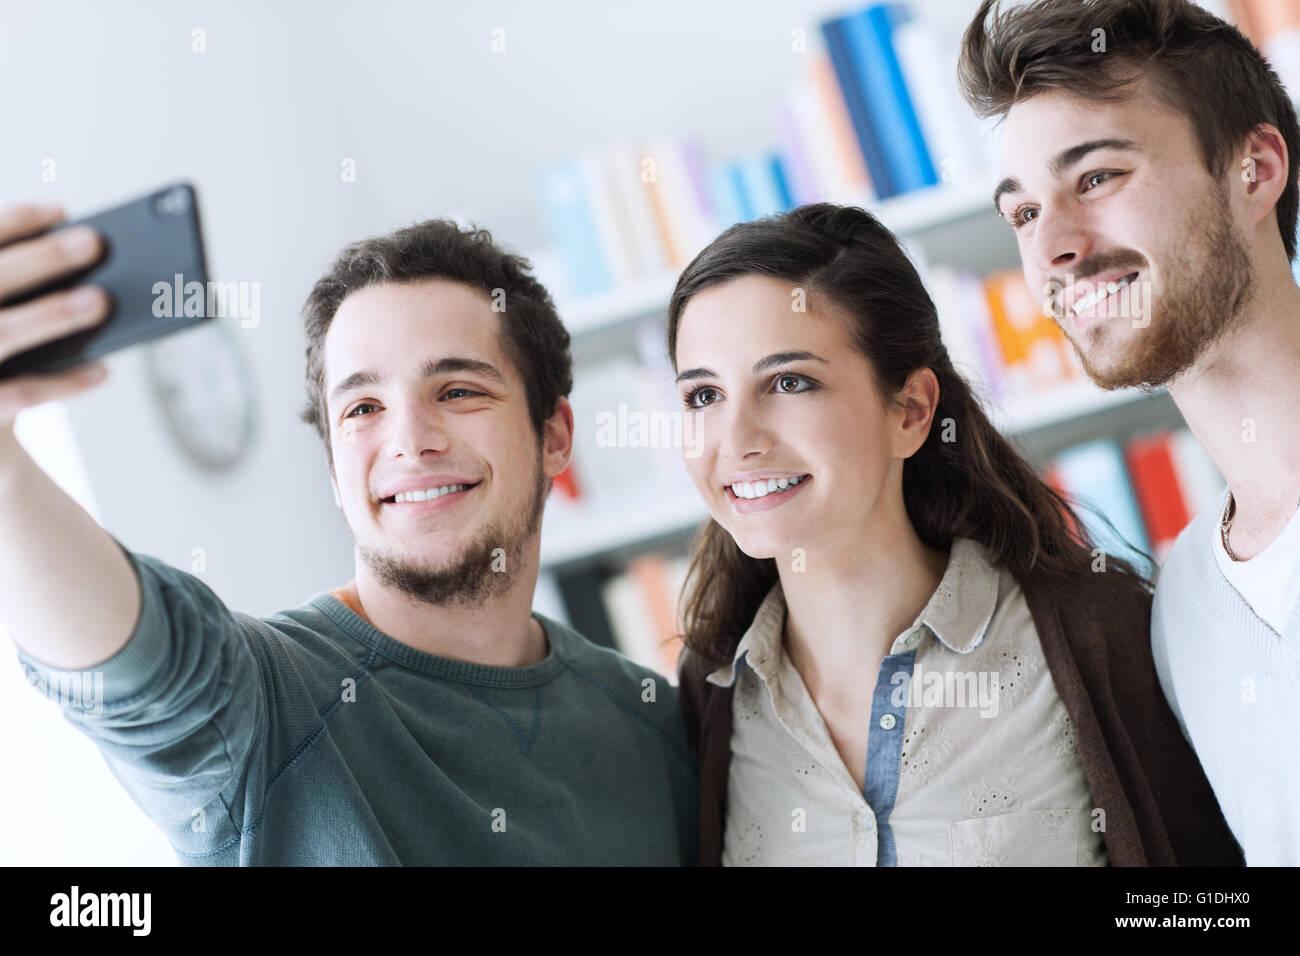 Smiling happy adolescents prenant autoportraits avec un téléphone mobile, le partage, la technologie et Photo Stock